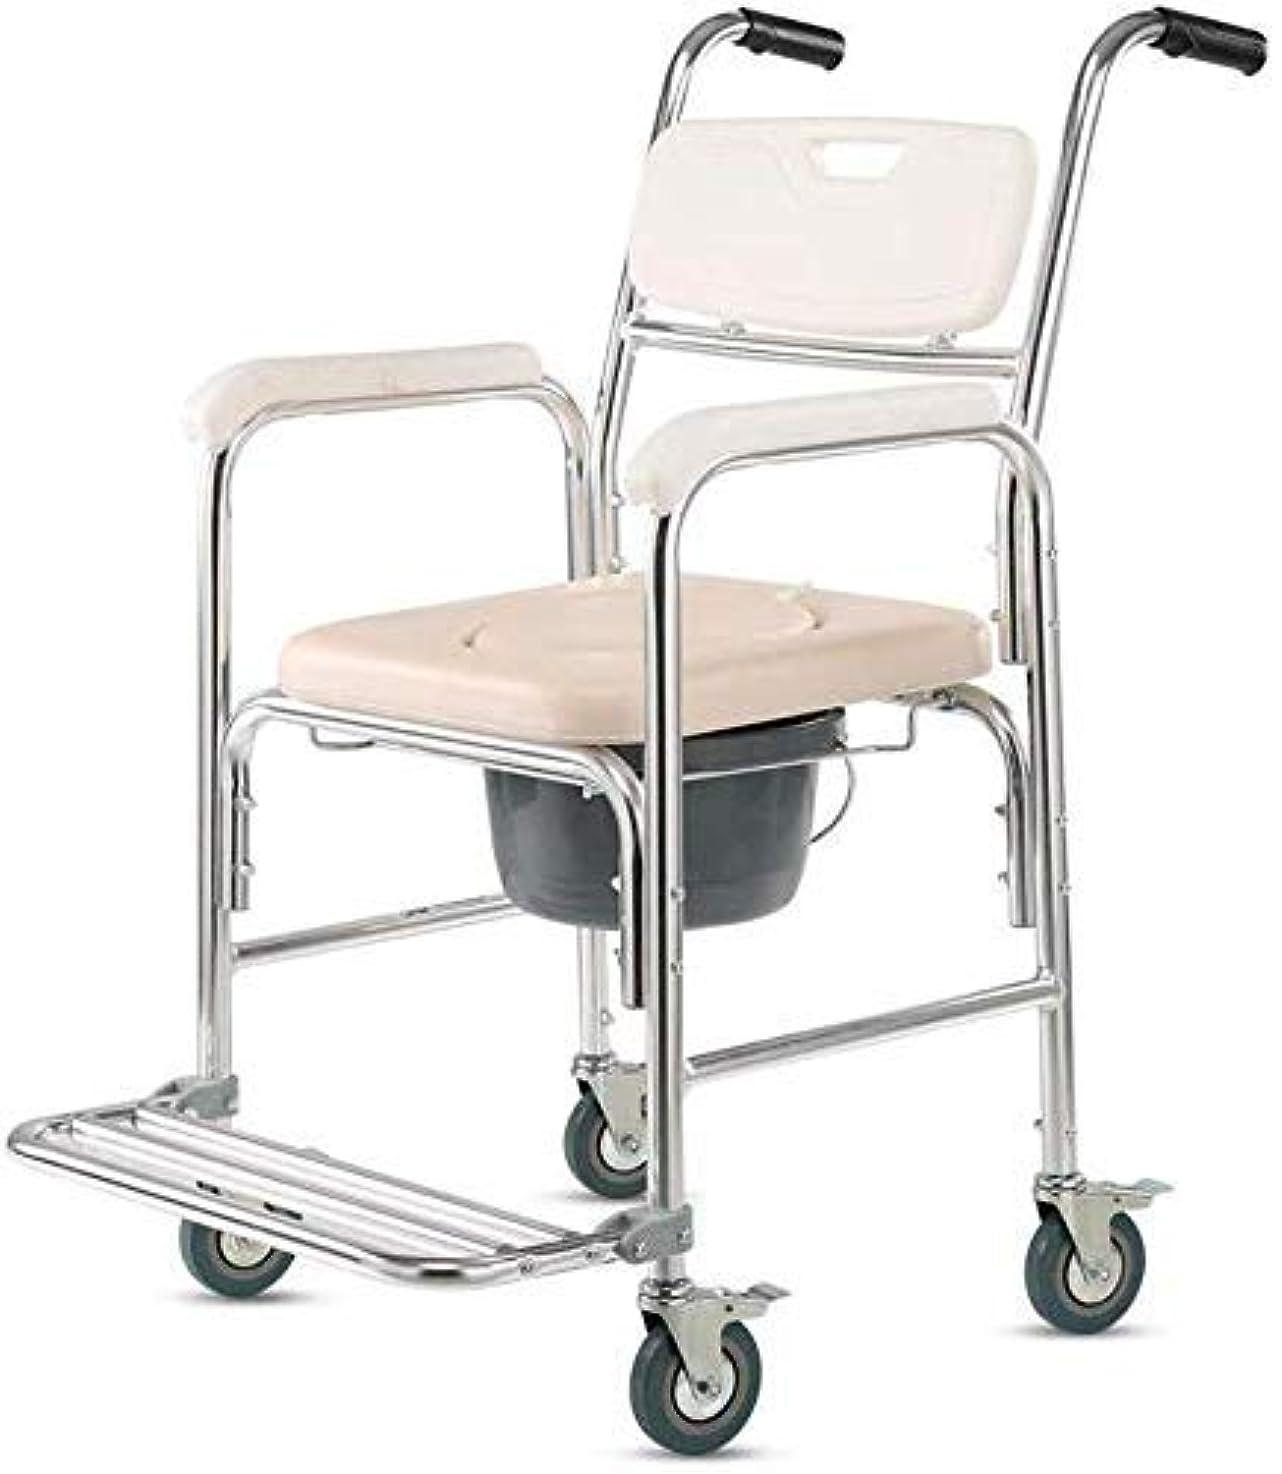 こねるである満足させる医療輸送トイレ便器椅子バスルームシャワー車椅子モビリティ耐久性のある車椅子トイレ高齢者障害者妊婦